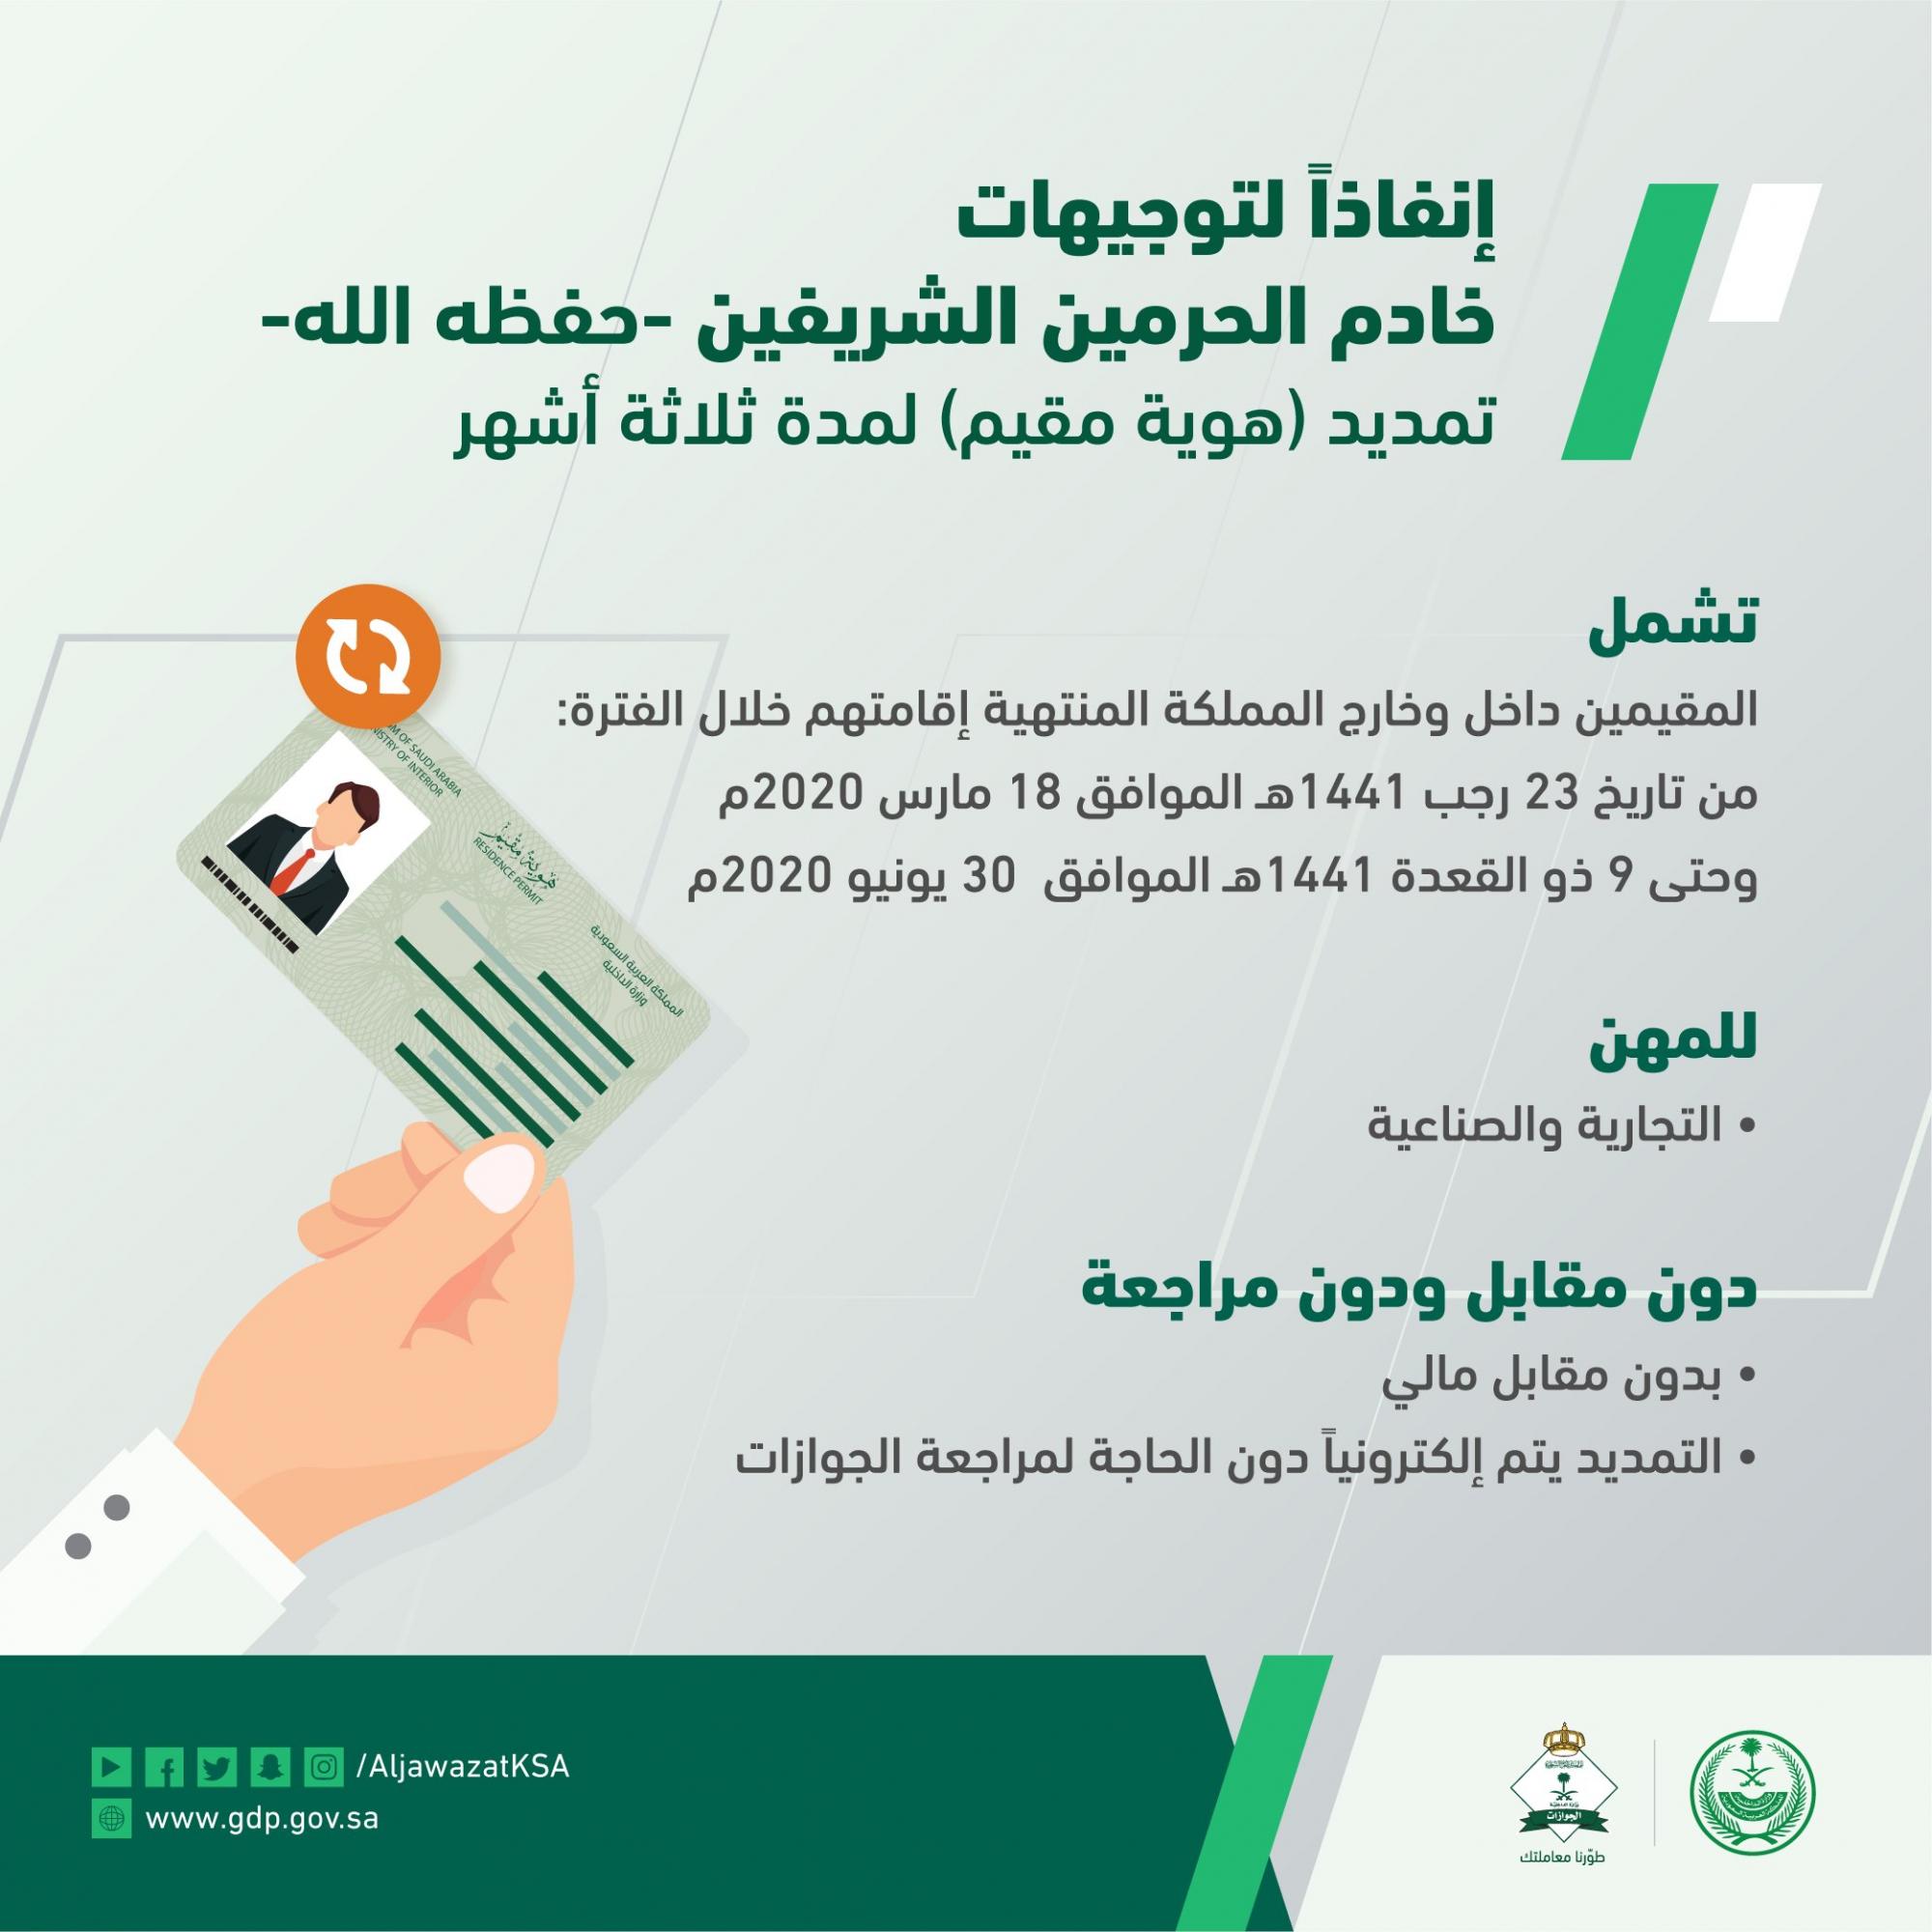 مجانا، السعودية تبدأ بتمديد إقامة الوافدين داخل وخارج  السعودية   أريبيان بزنس